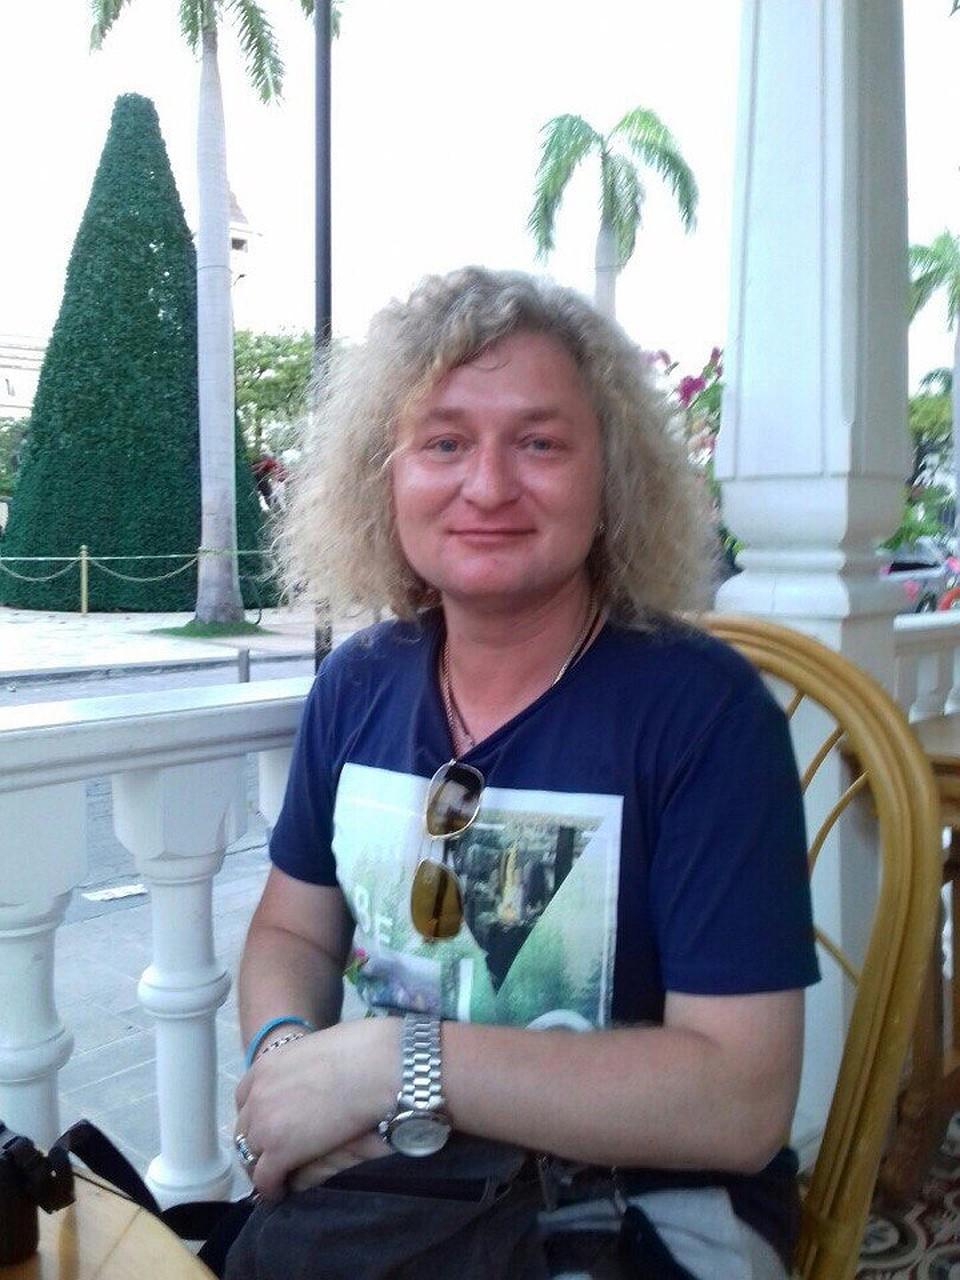 У Олега случился обширный инфаркт Фото: vk.com